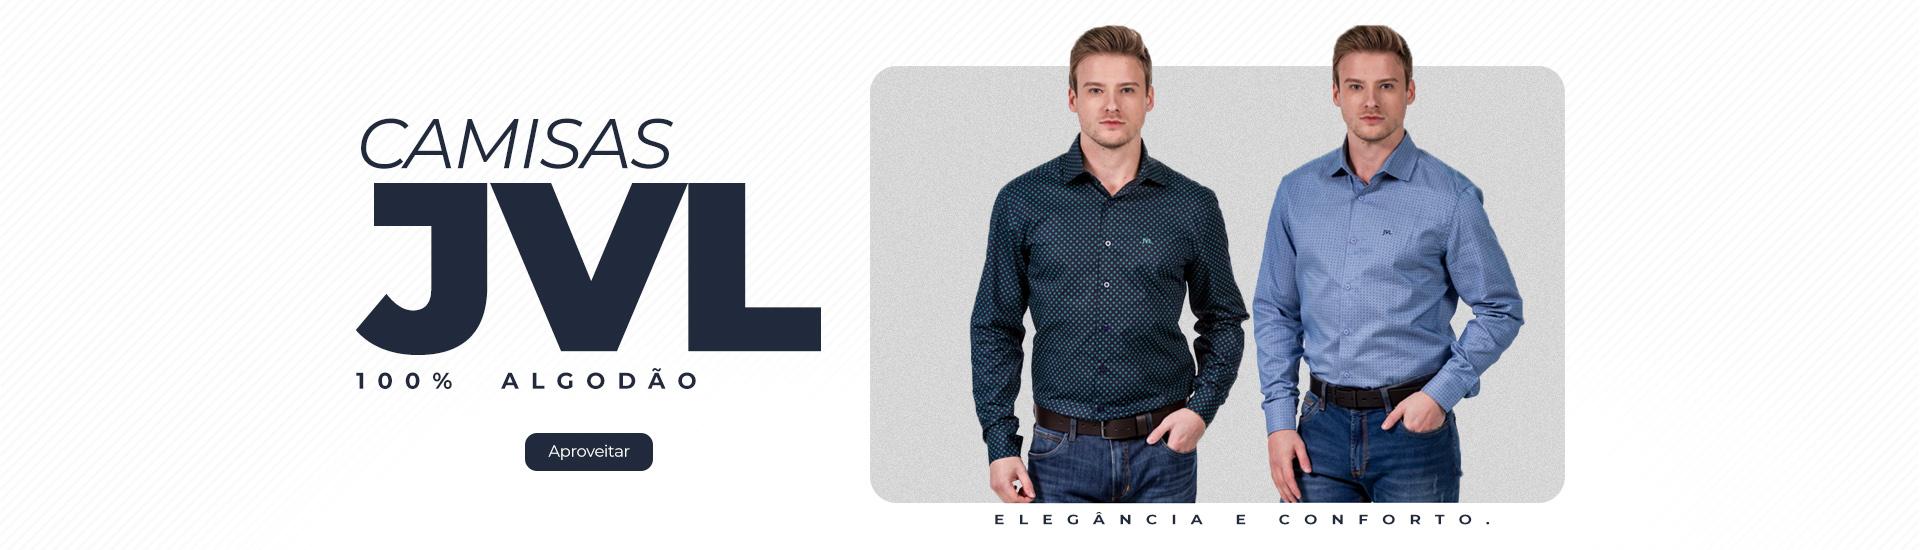 Compre camisas sociais JVL, cheias de estilo.